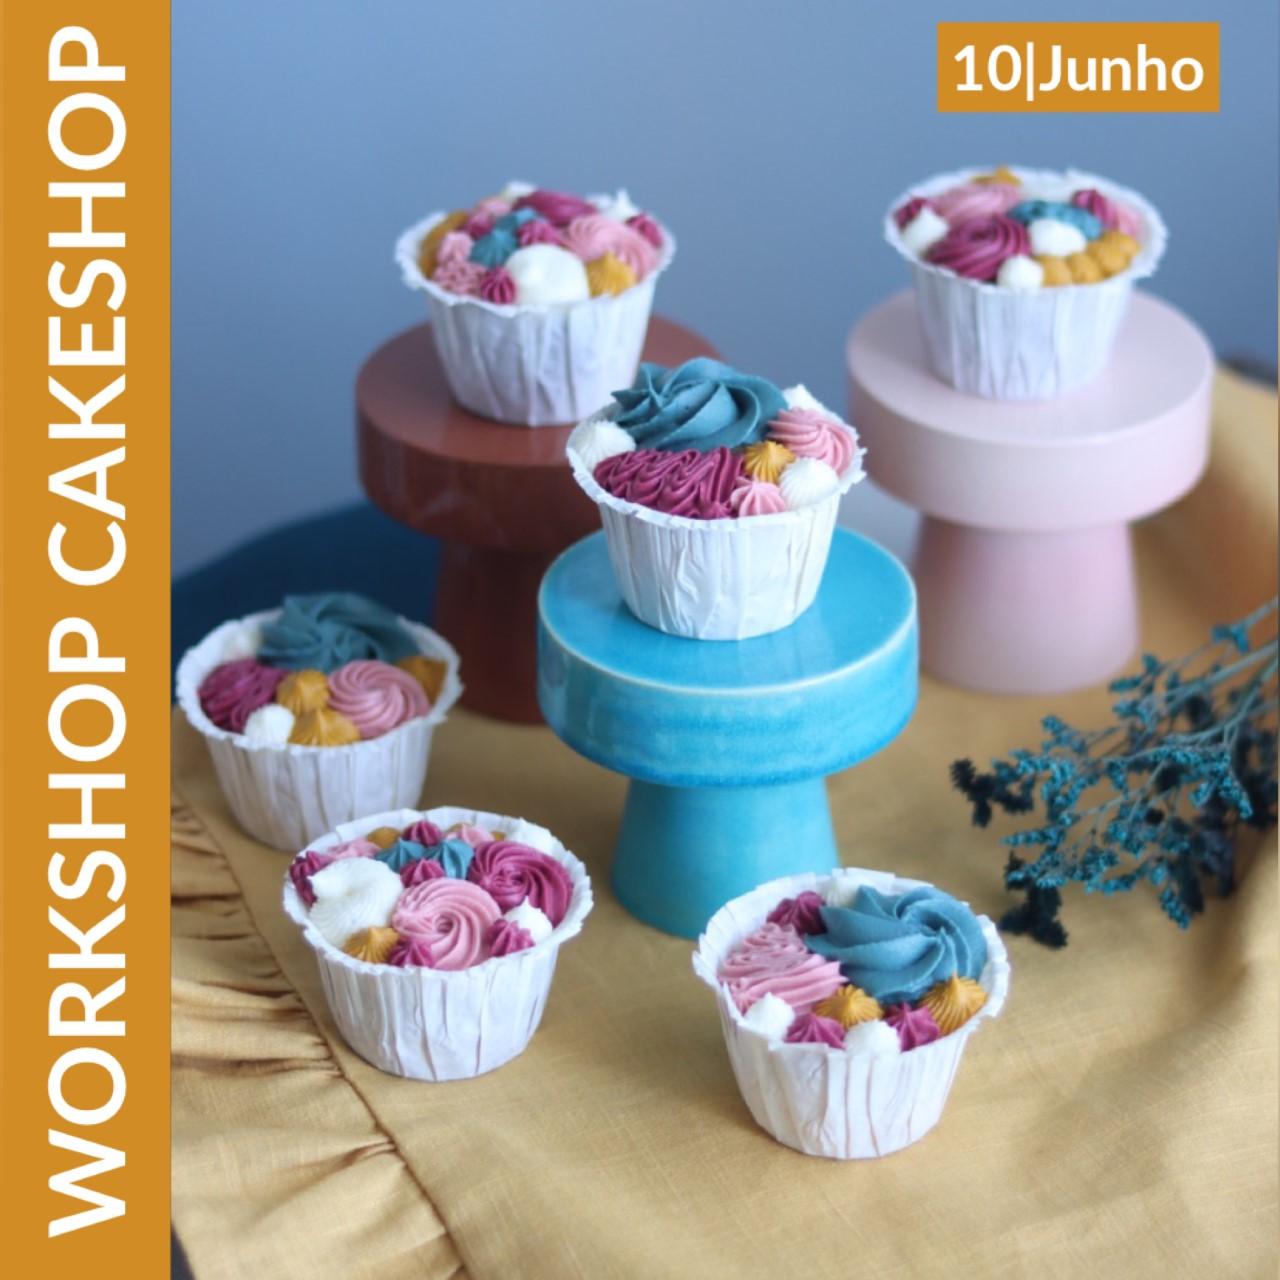 Workshop Cupcakes decorados com buttercream